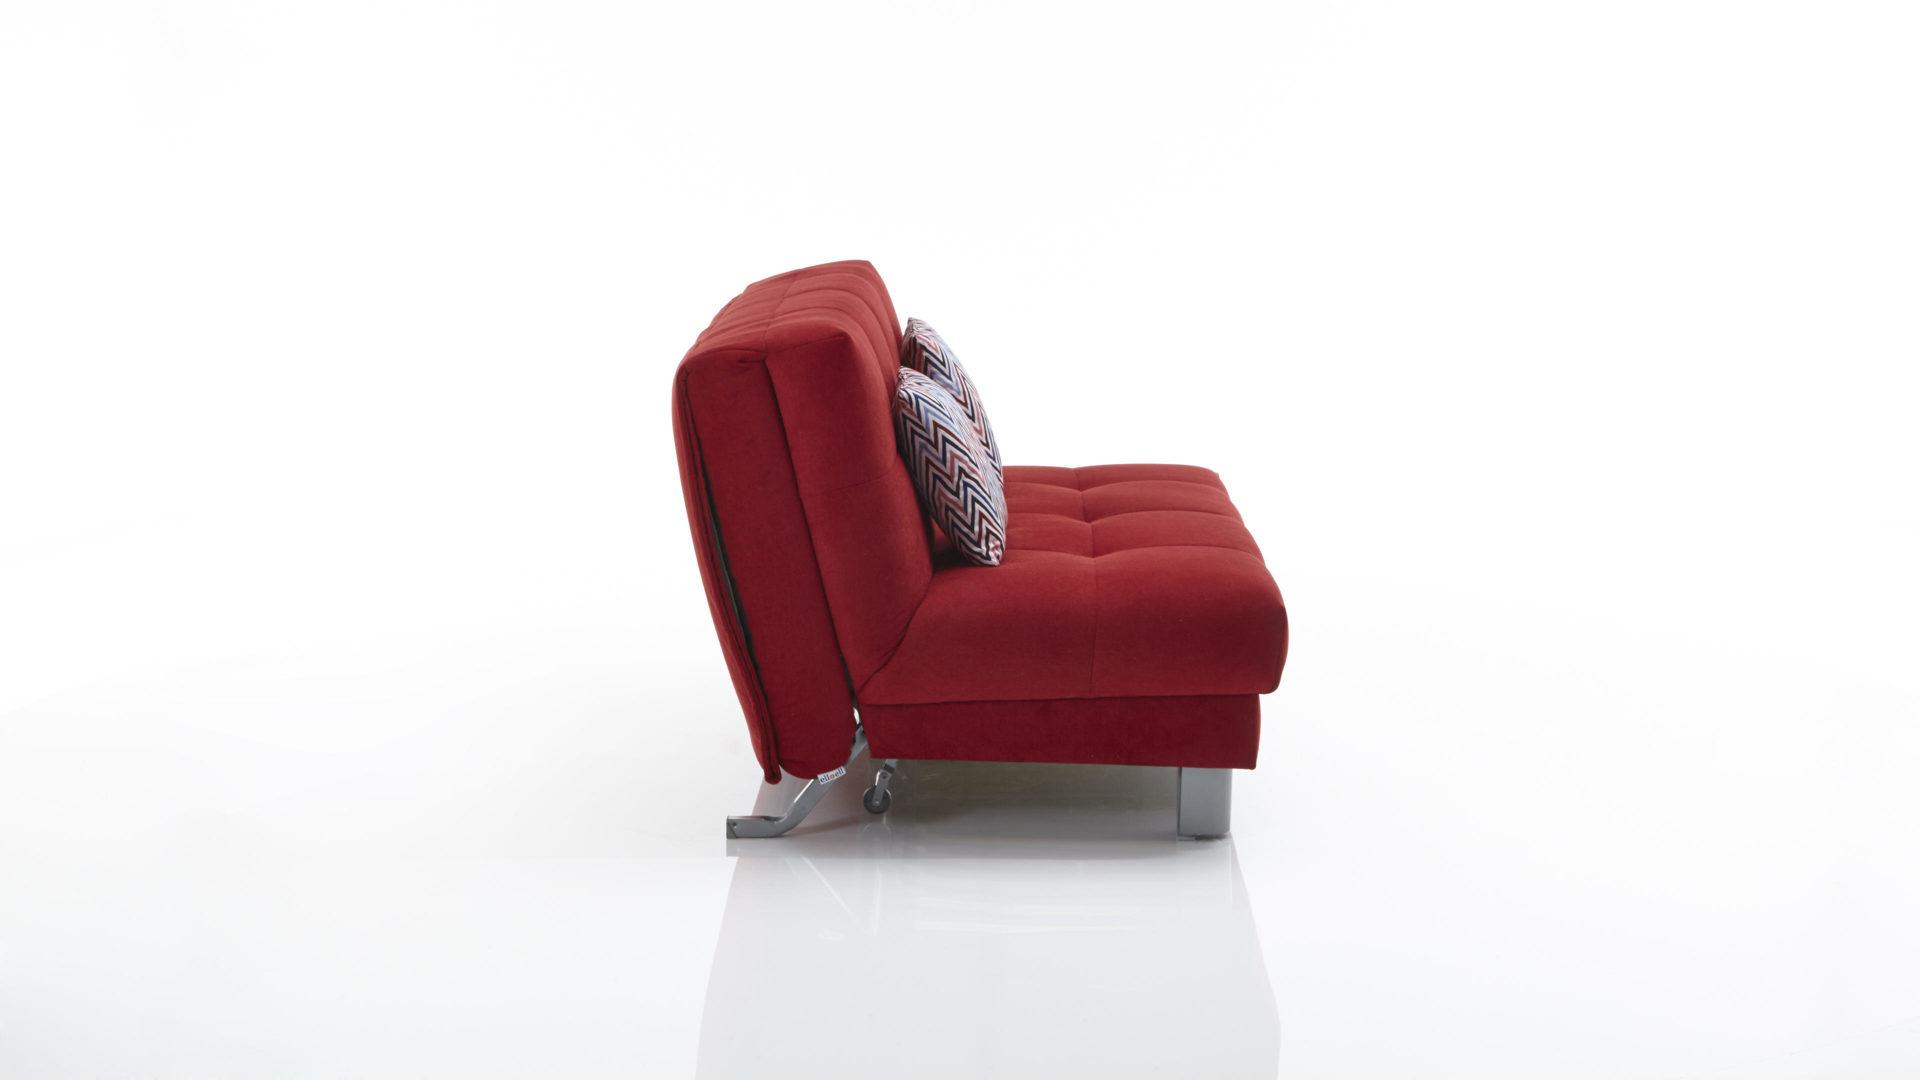 Schlafsofa jugendzimmer moebel  Hertel Möbel Gesees | Räume | Jugendzimmer + Kinderzimmer | Sofas ...